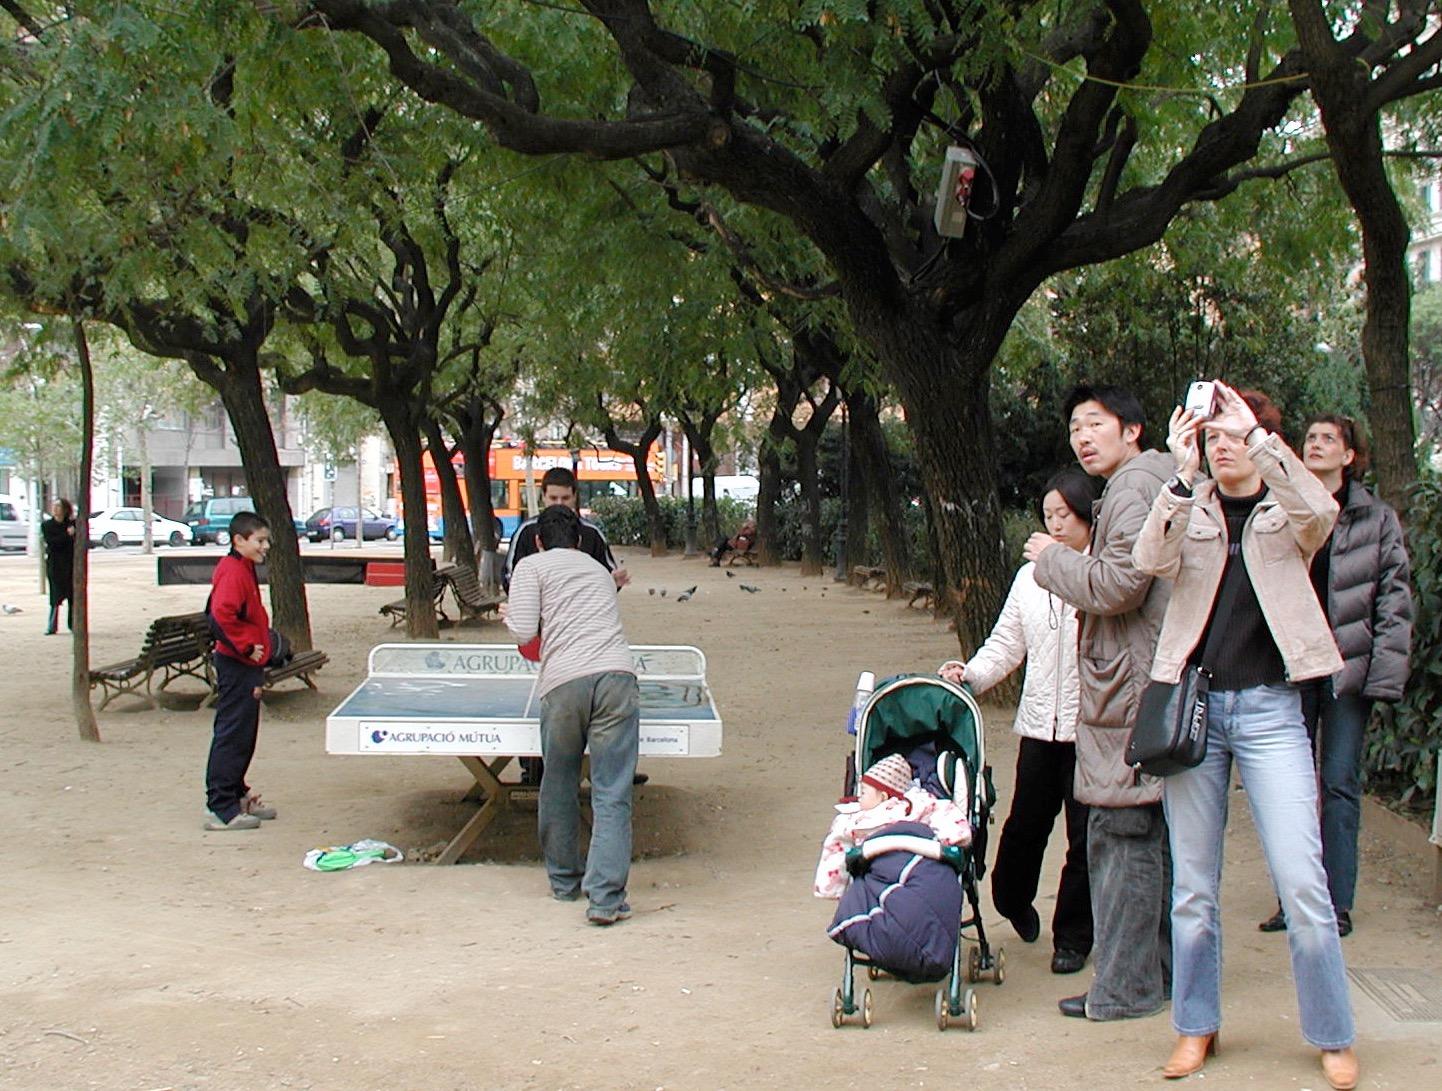 Sagrada di Familia i Barcelona är både turistmål och lokal parkmiljö